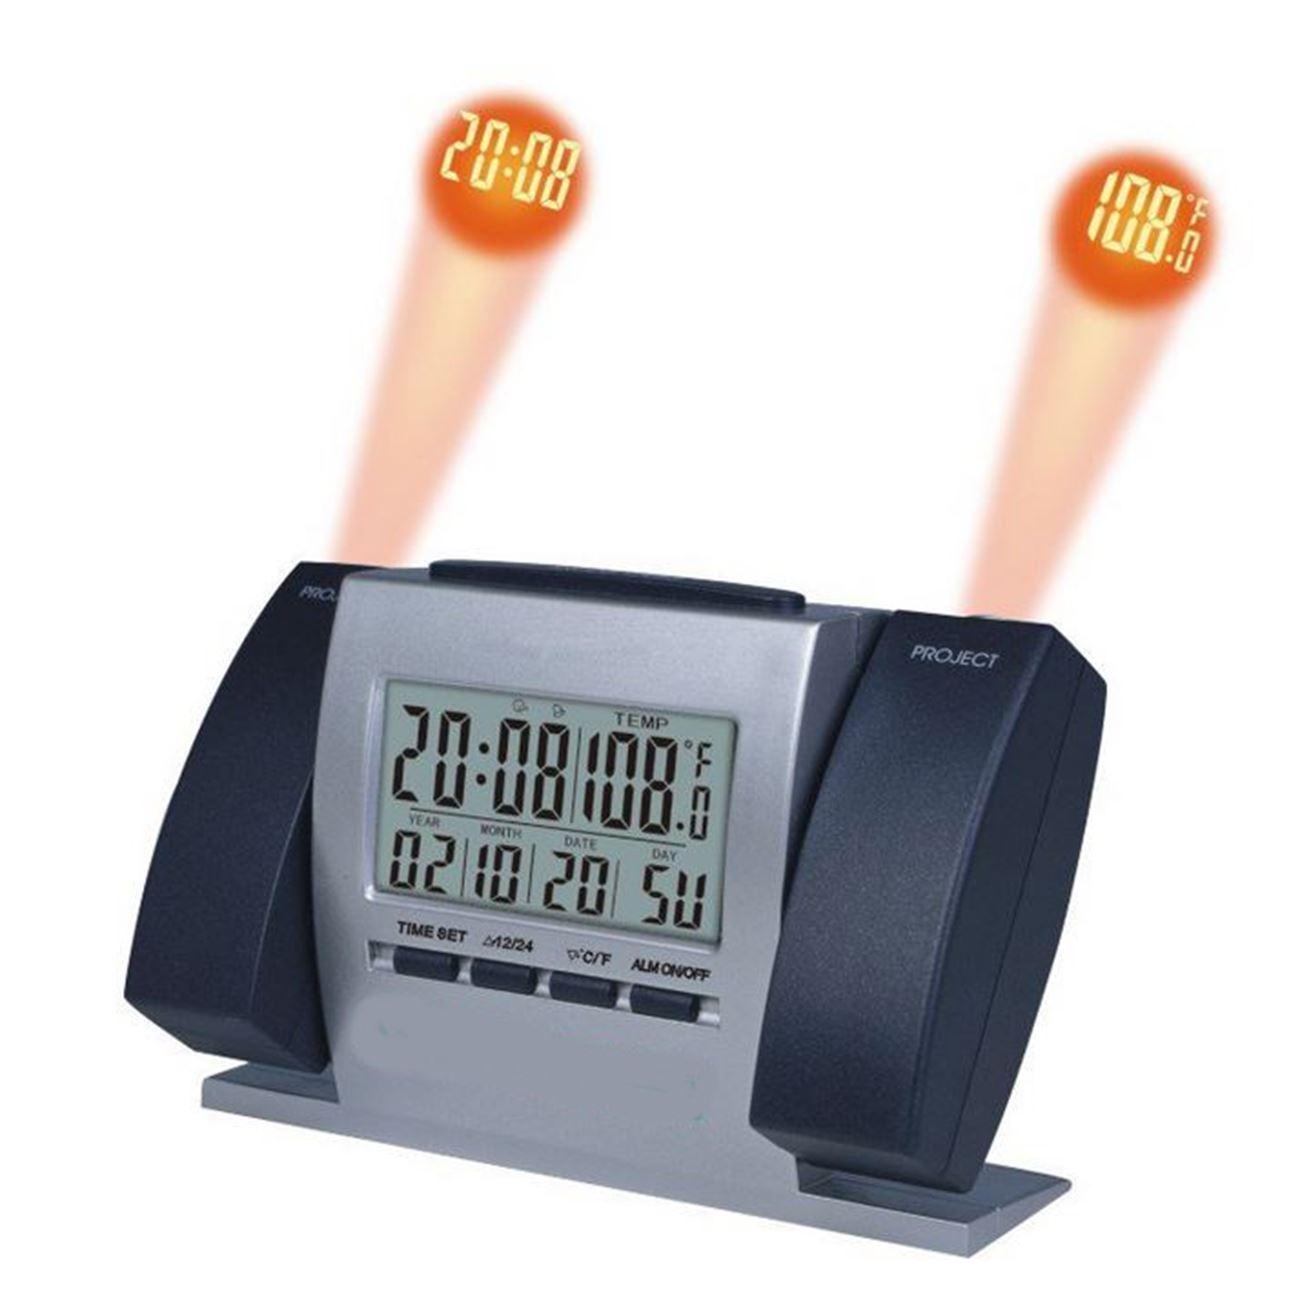 Ψηφιακό επιτραπέζιο ρολόι με ξυπνητήρι + θερμόμετρο +διπλό projector ΟΕΜ   Ρολόγια  επιτραπέζια  9509d989e6e